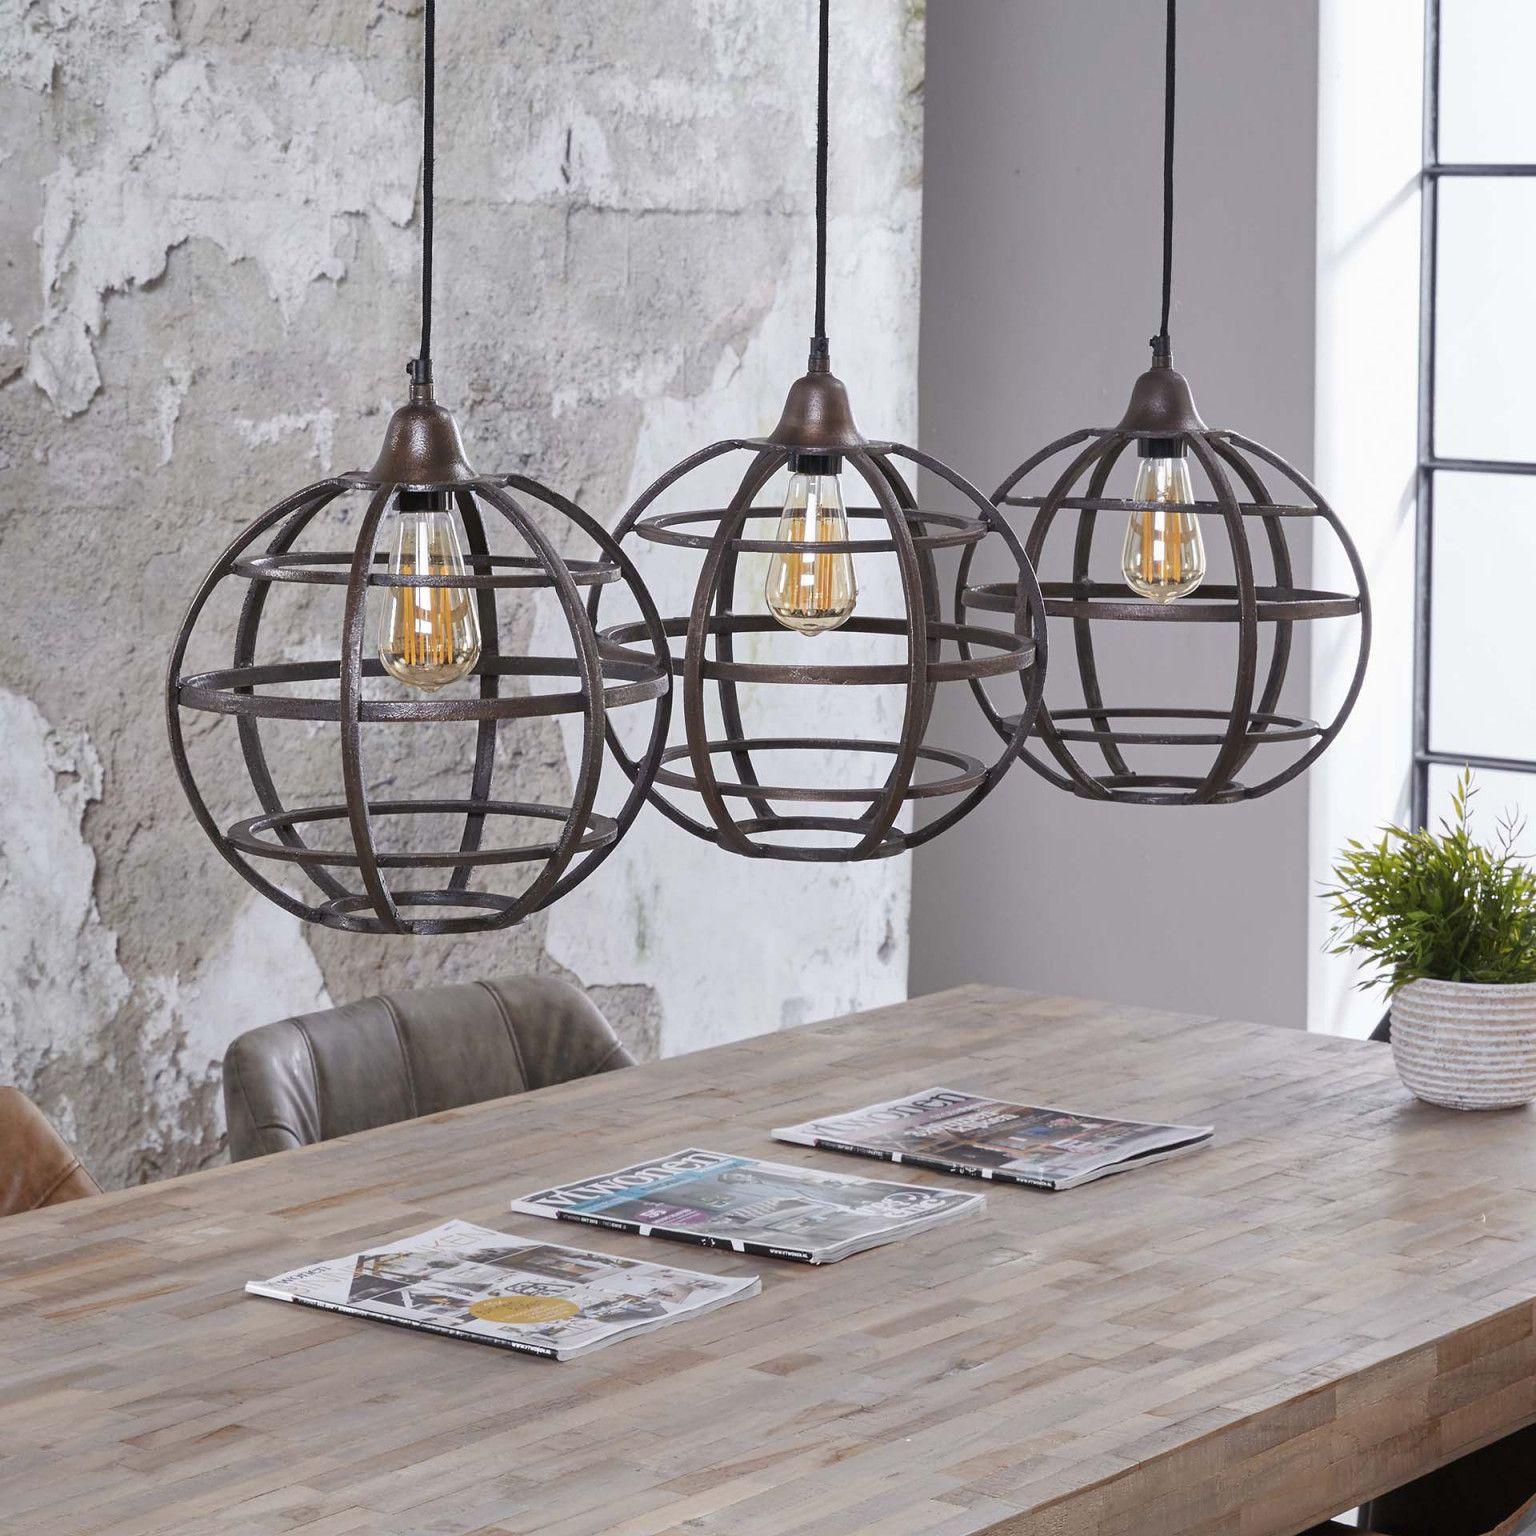 Hanglamp Tatsuya Keri 3lamps antiek koper  Lampen